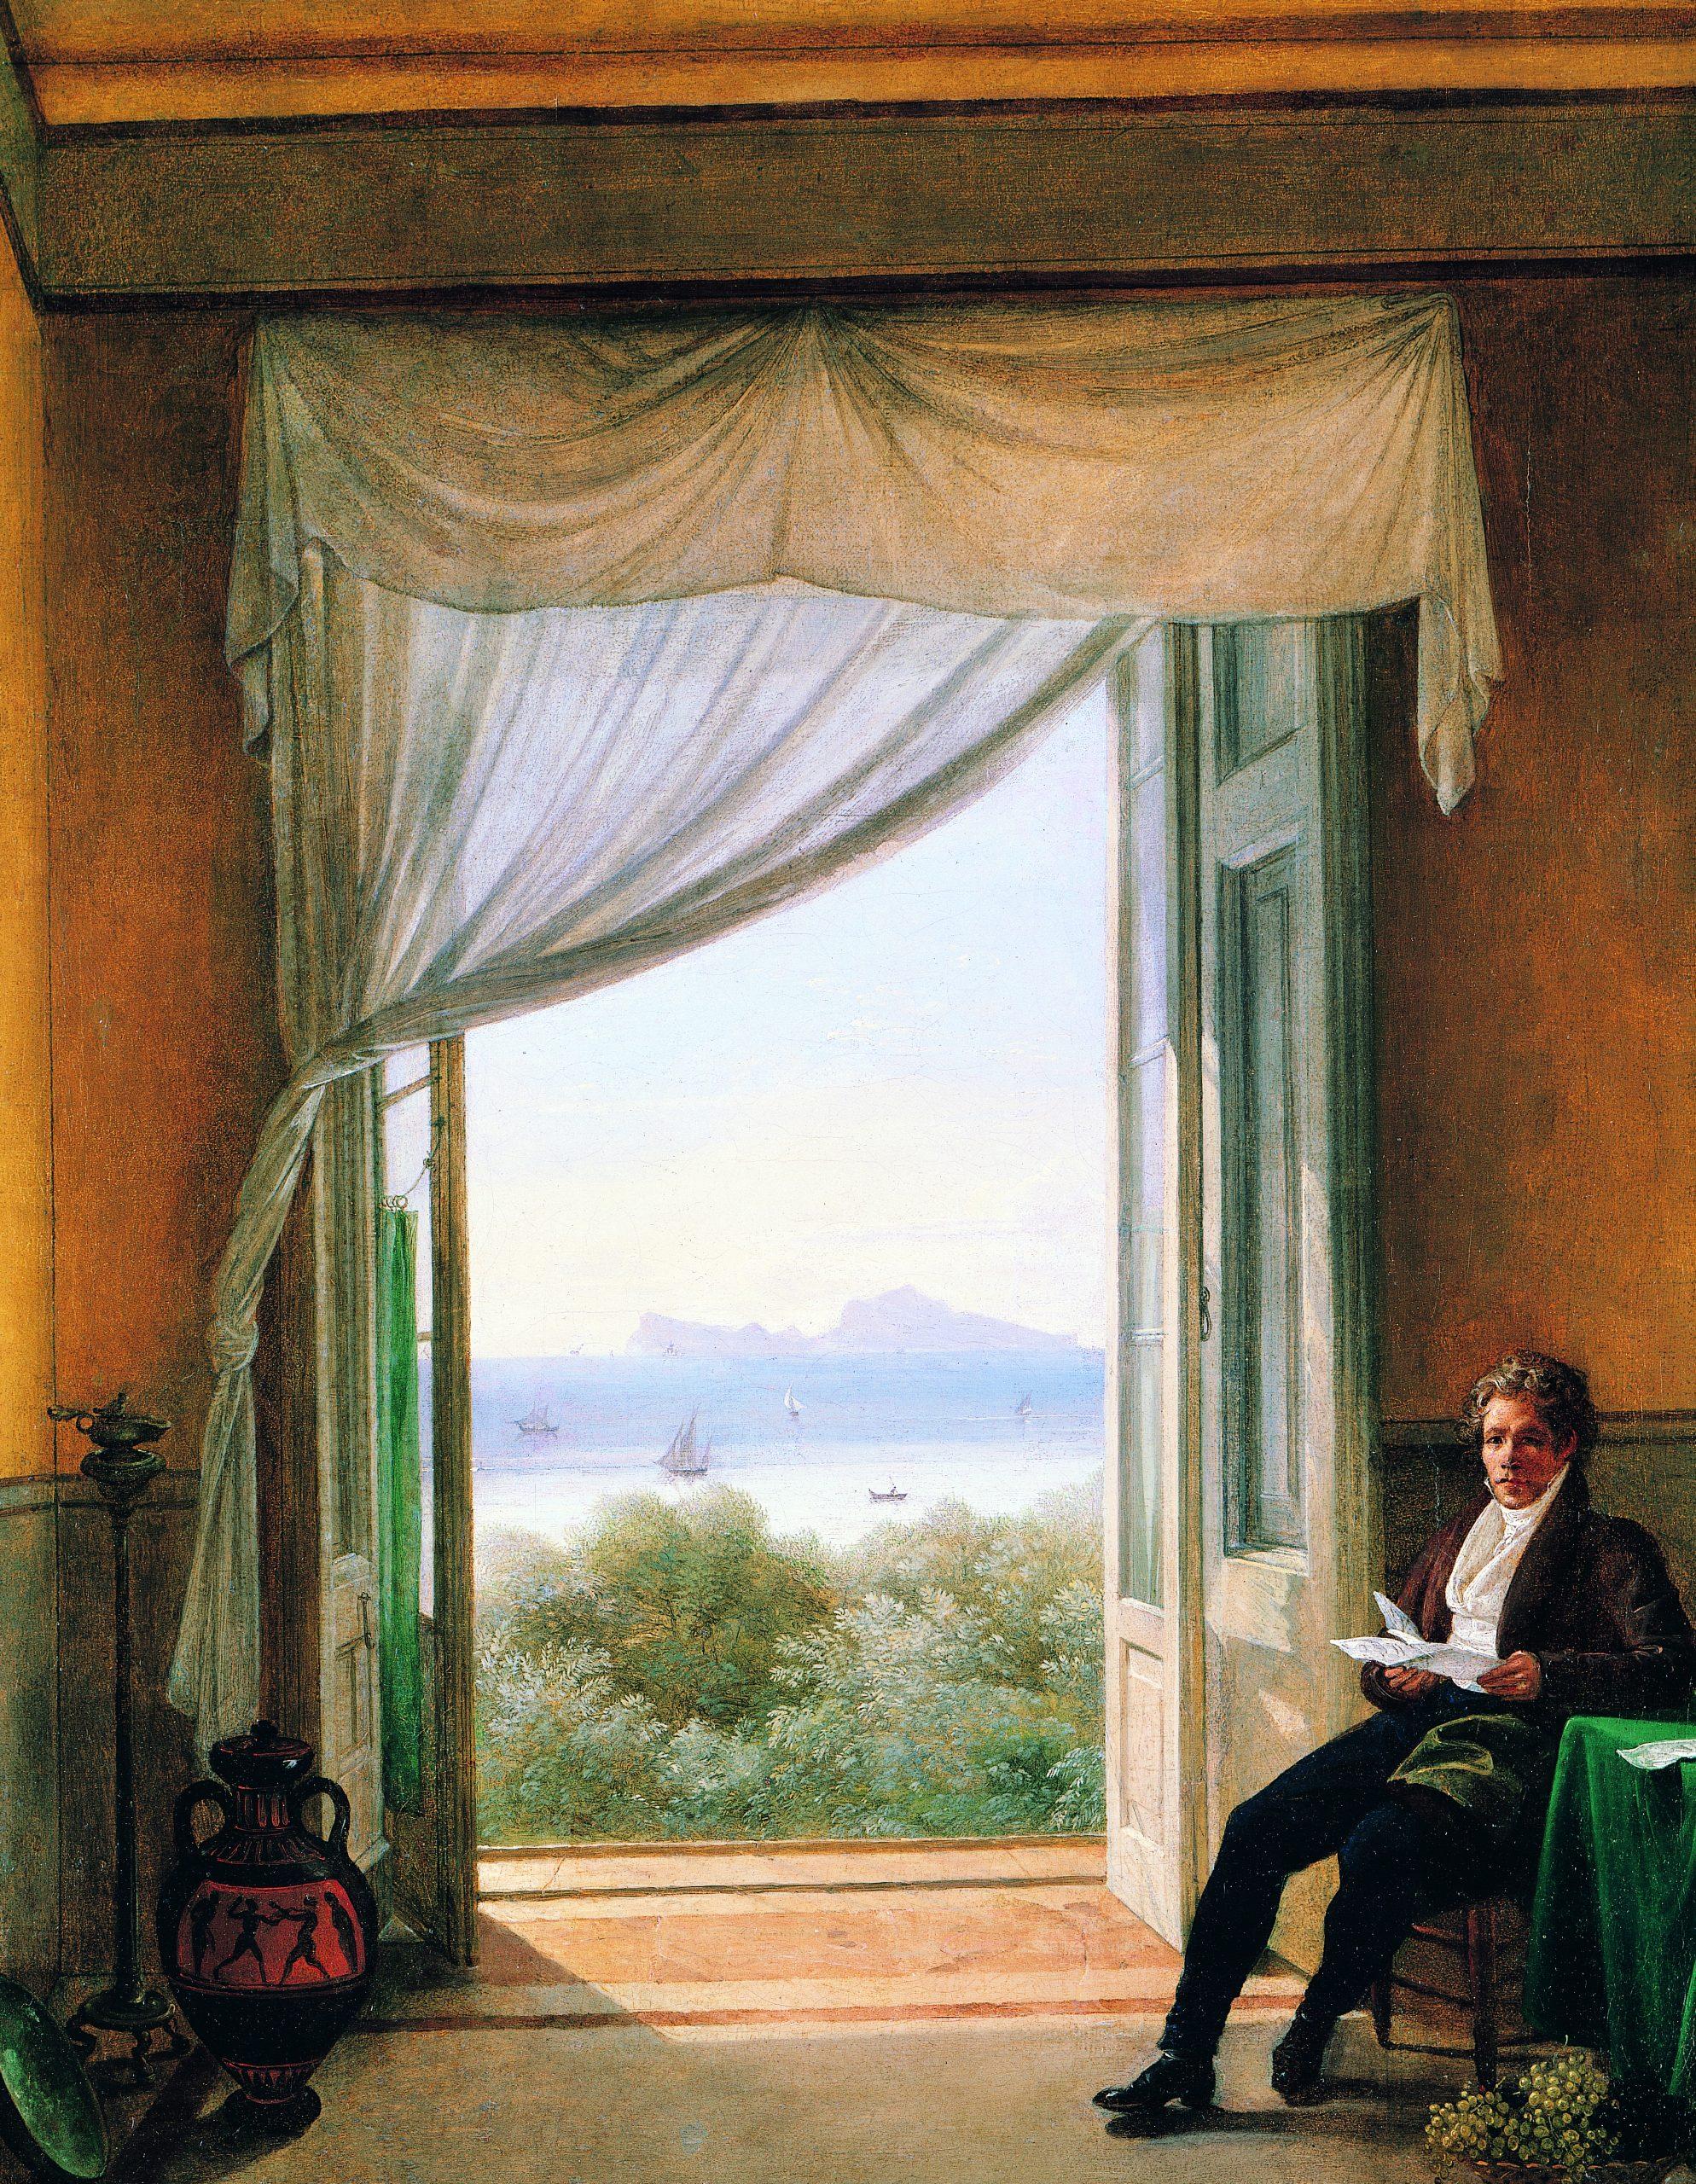 """Franz Ludwig Catel, """"Schinkel à Naples"""", huile sur toile, 62 x 49 cm, 1824. Nationalgalerie, Berlin."""